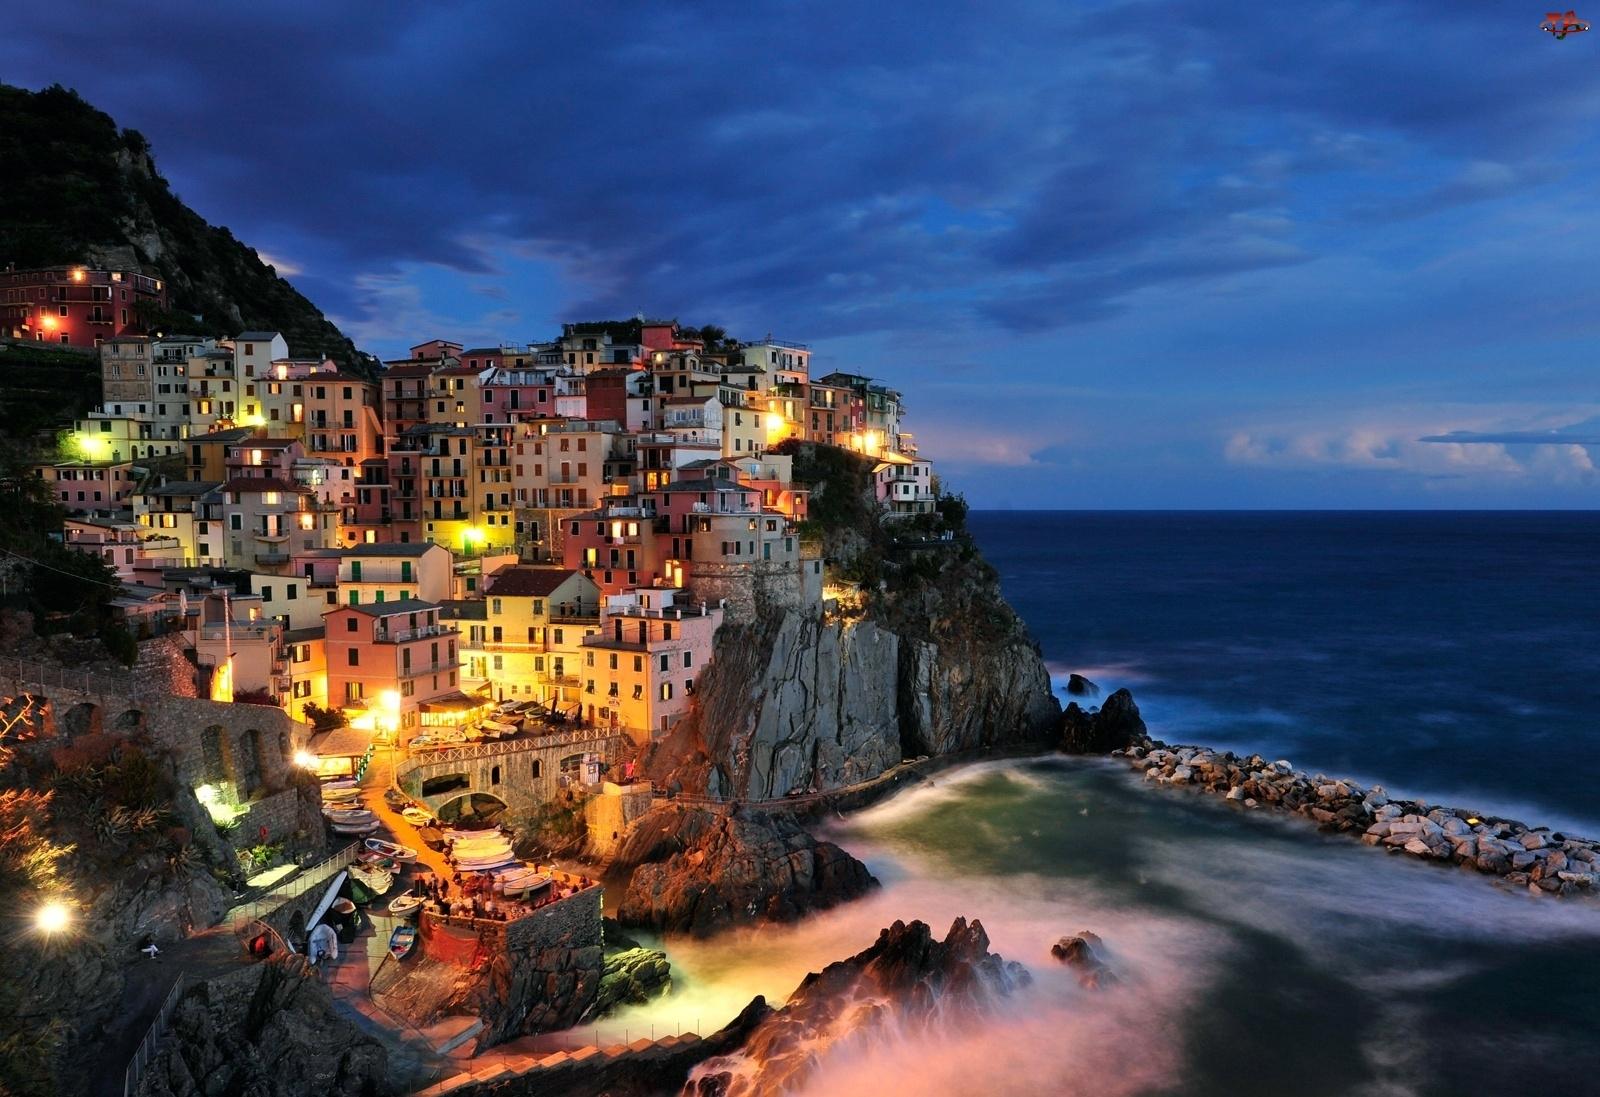 Wioska, Włochy, Manarola, Wybrzeże